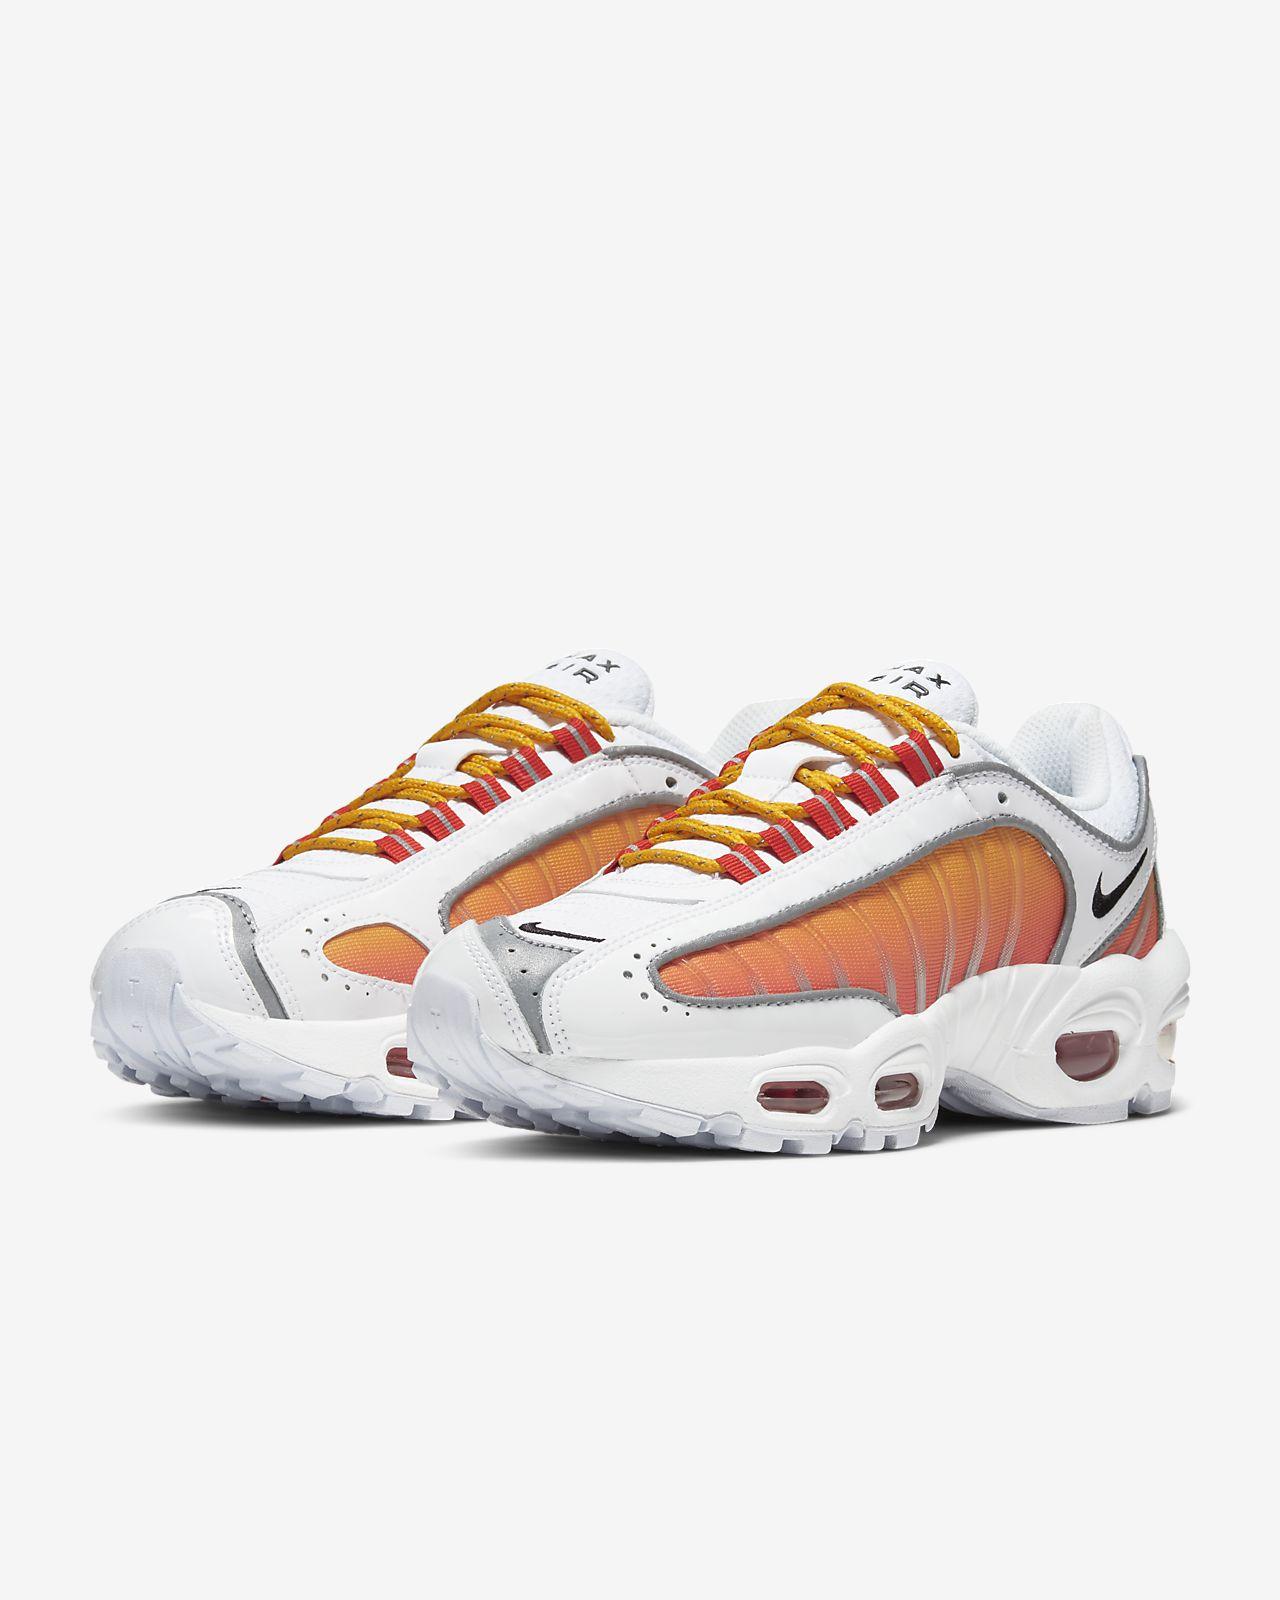 Nike Cipő Webshop | Nike Air Jordan Spike Forty PirosFekete